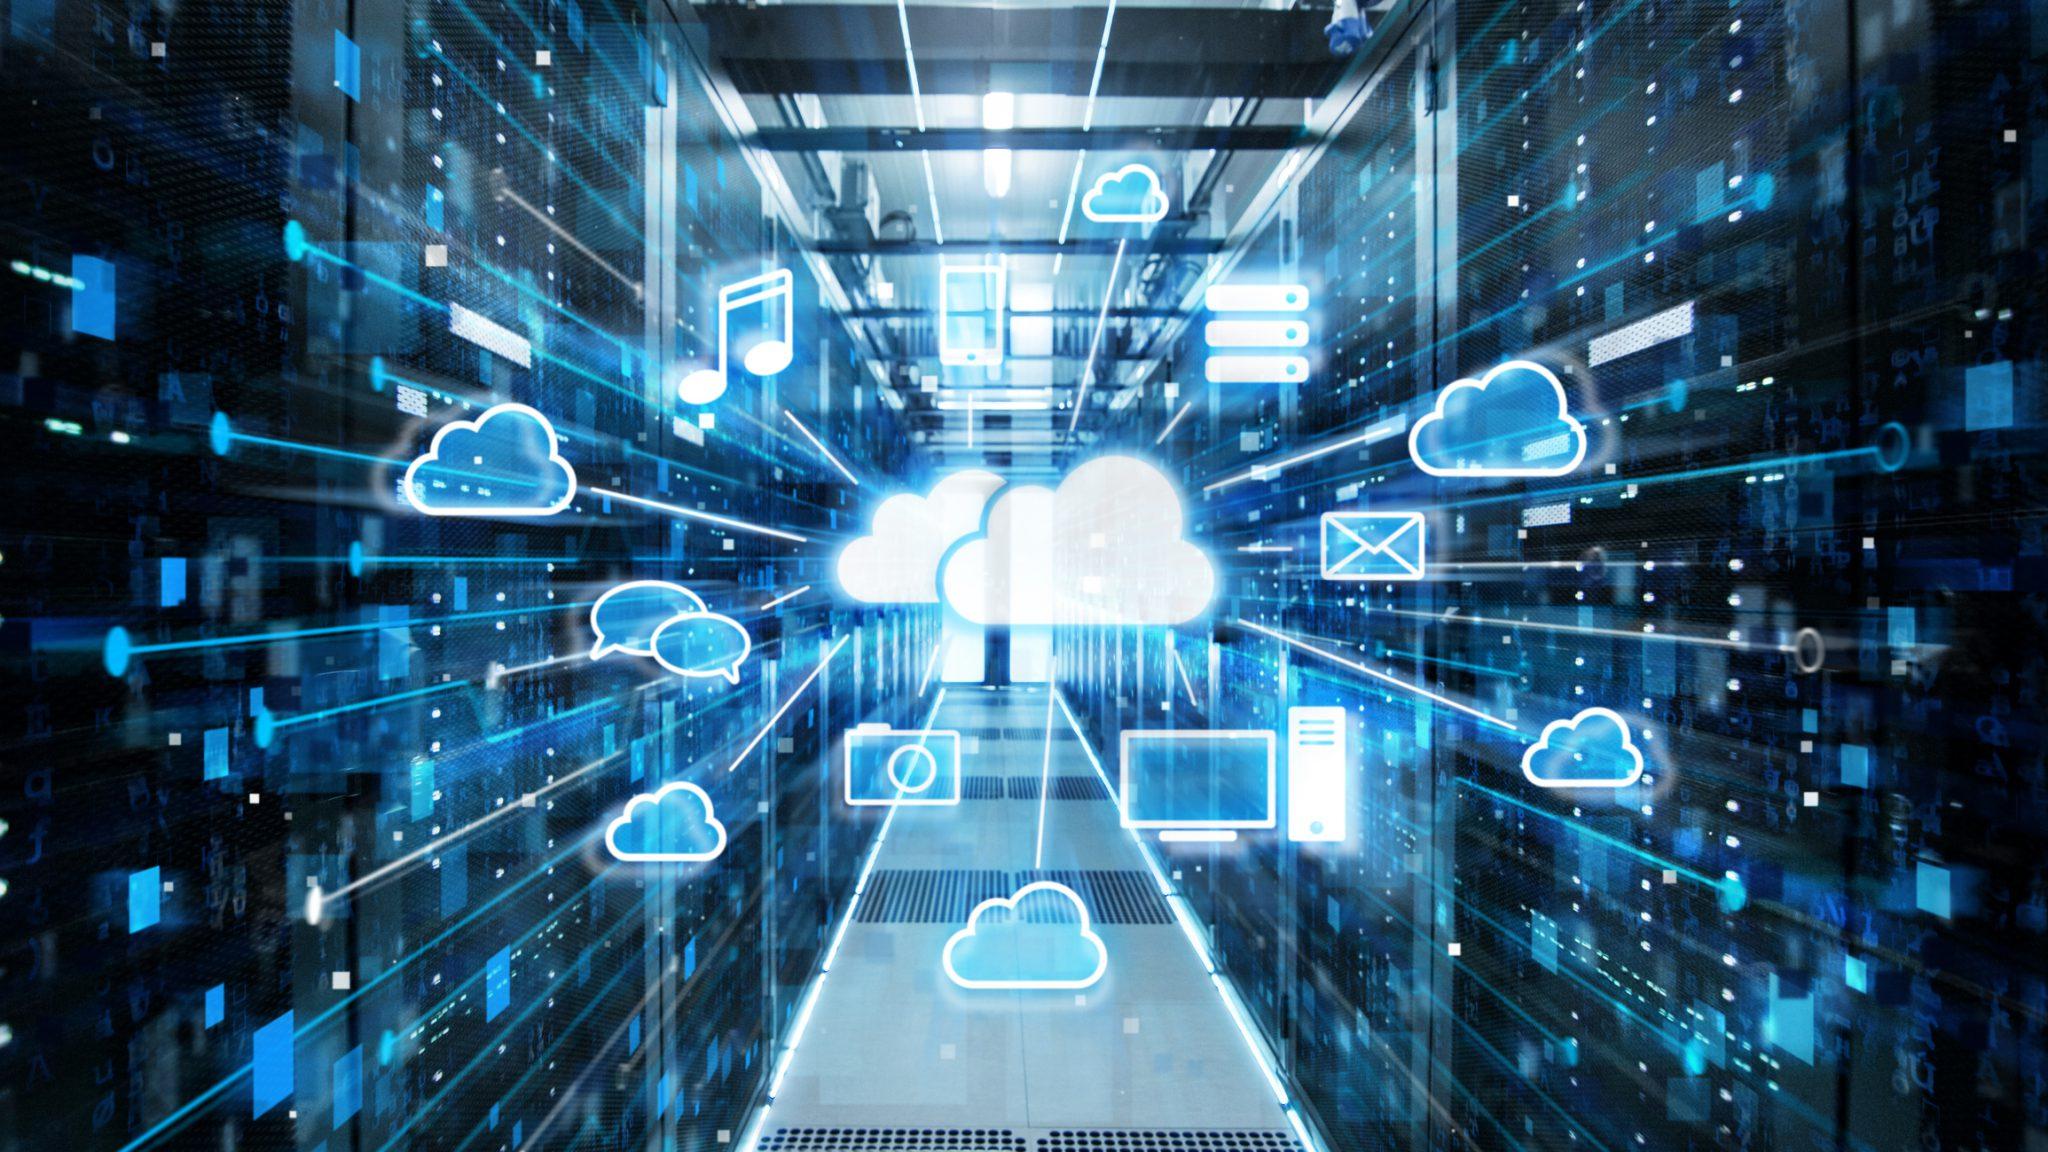 Công nghệ Cloud Server là gì? Nên thuê dịch vụ của nhà cung cấp nào? - ODS